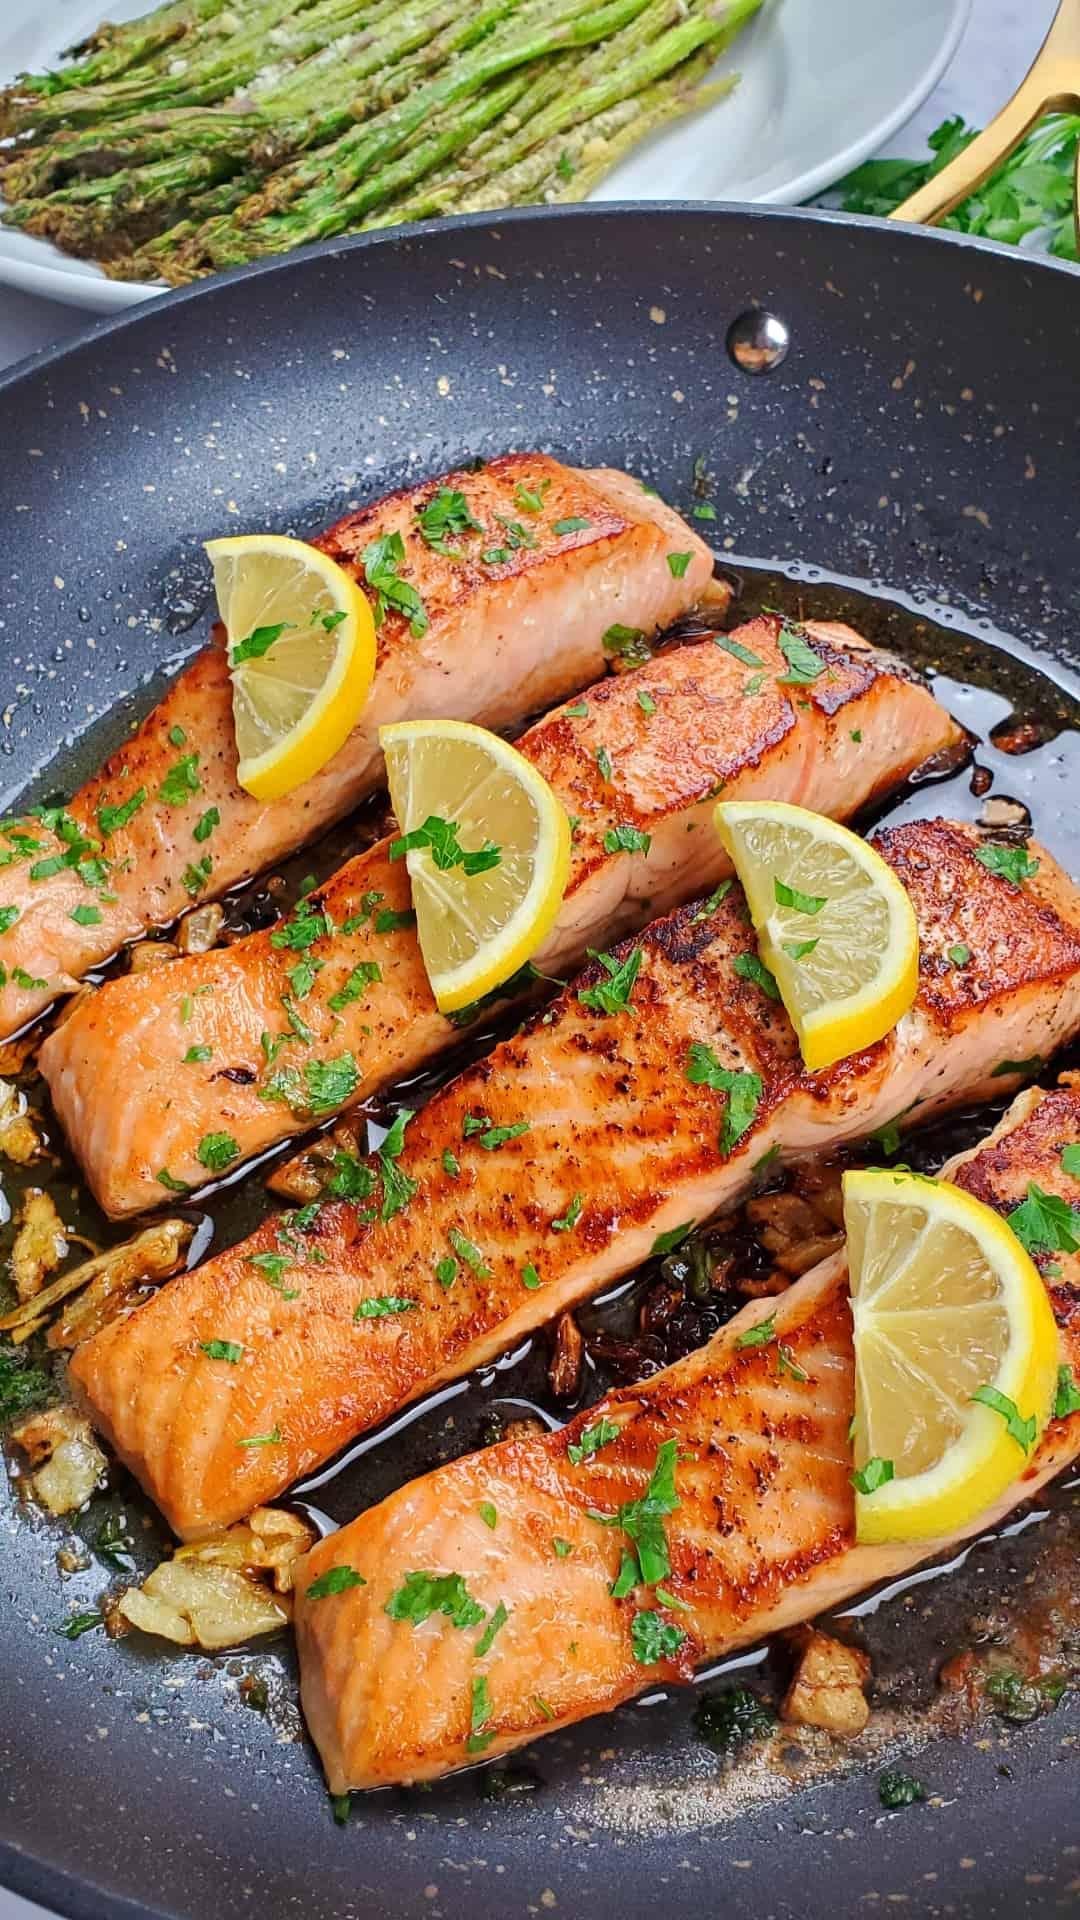 Pan Seared Salmon with Garlic Butter